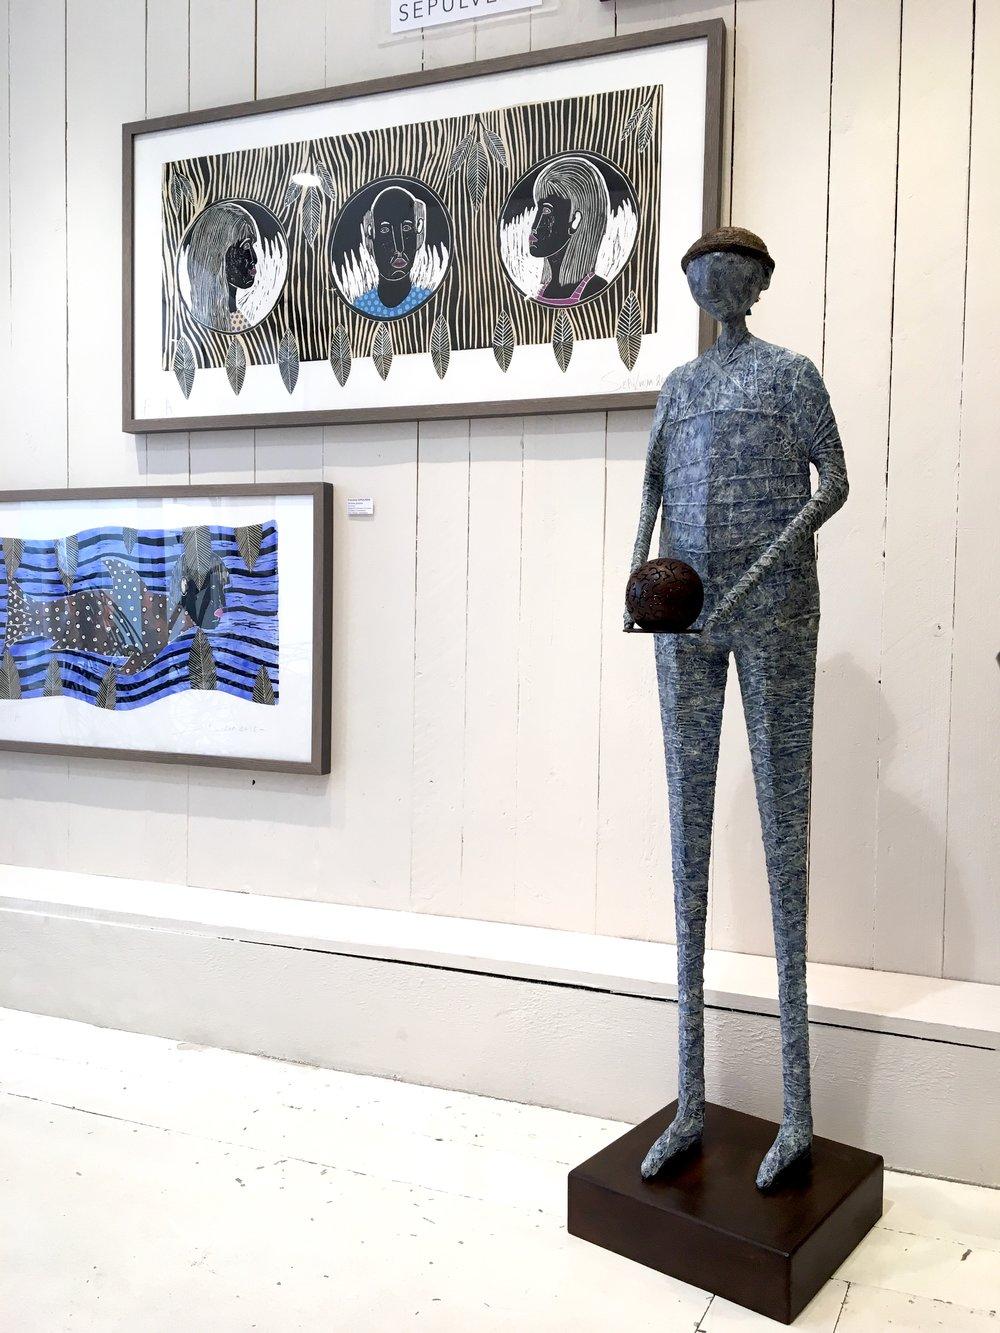 Sculpture : Le porteur de lumière d'Edmundo SOLARI  Gravures de Francisco SEPULVEDA